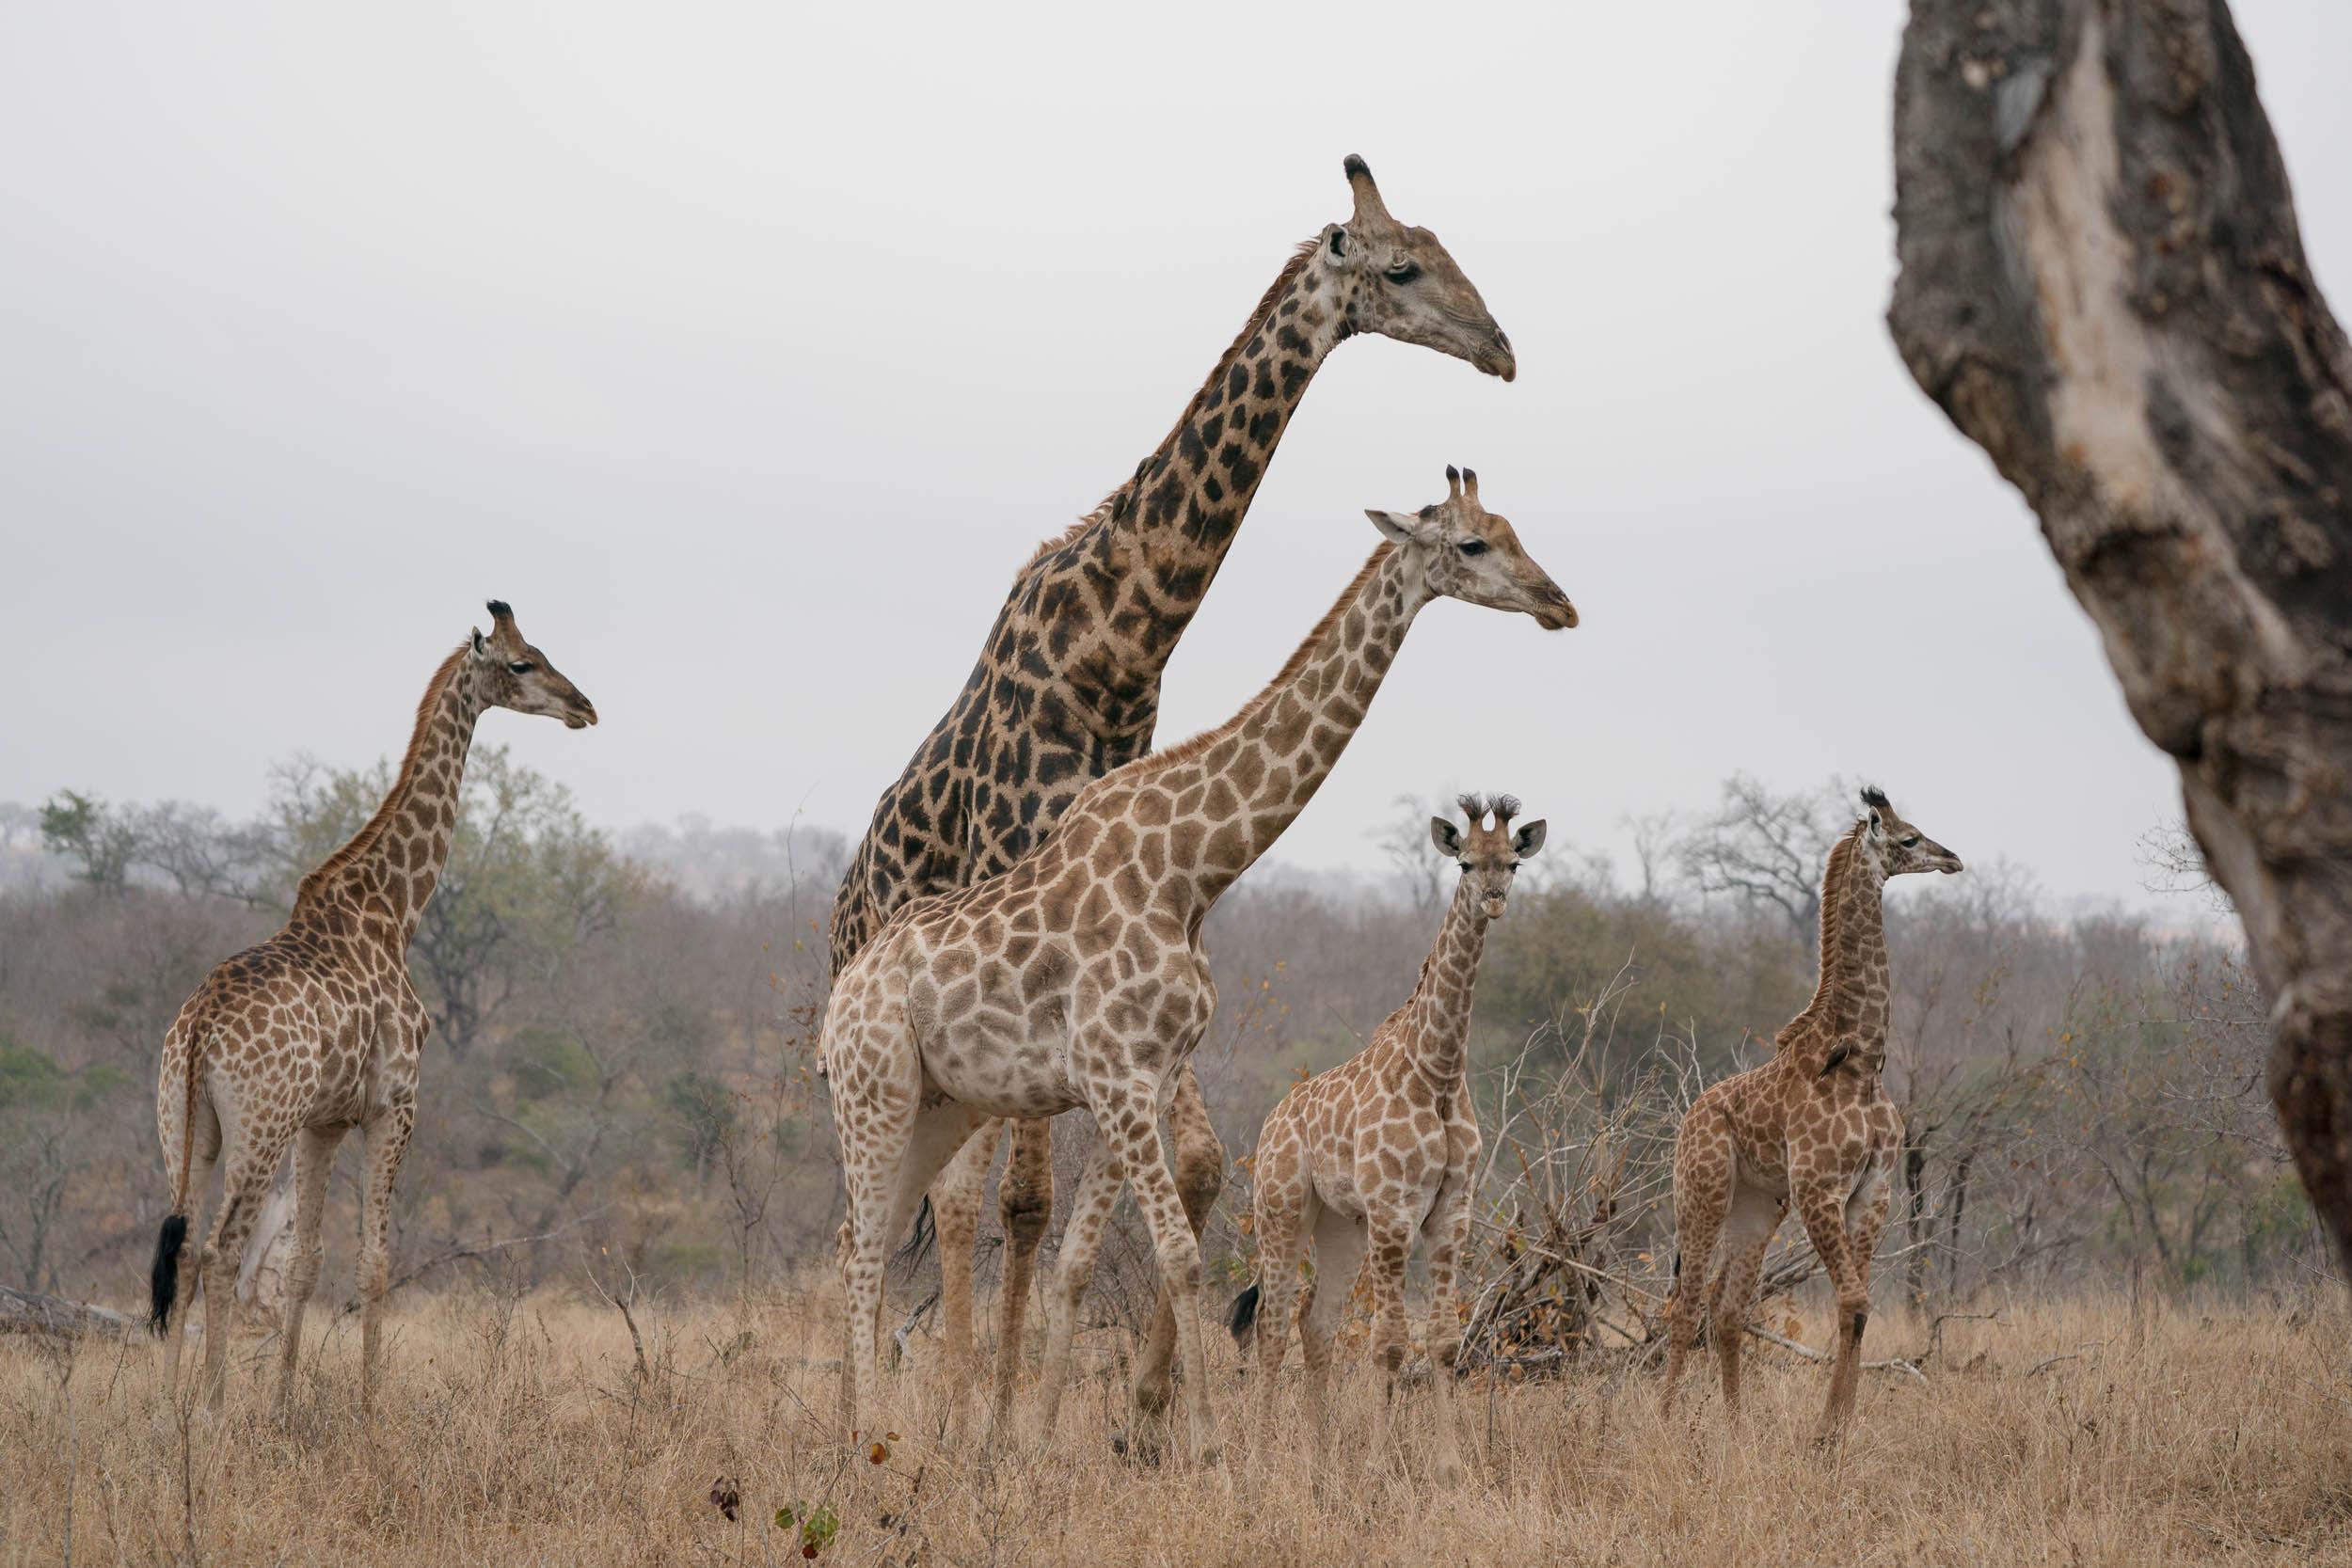 the_getaway_edit_south_africa_safari_londolozi_game_reserve-21.jpg